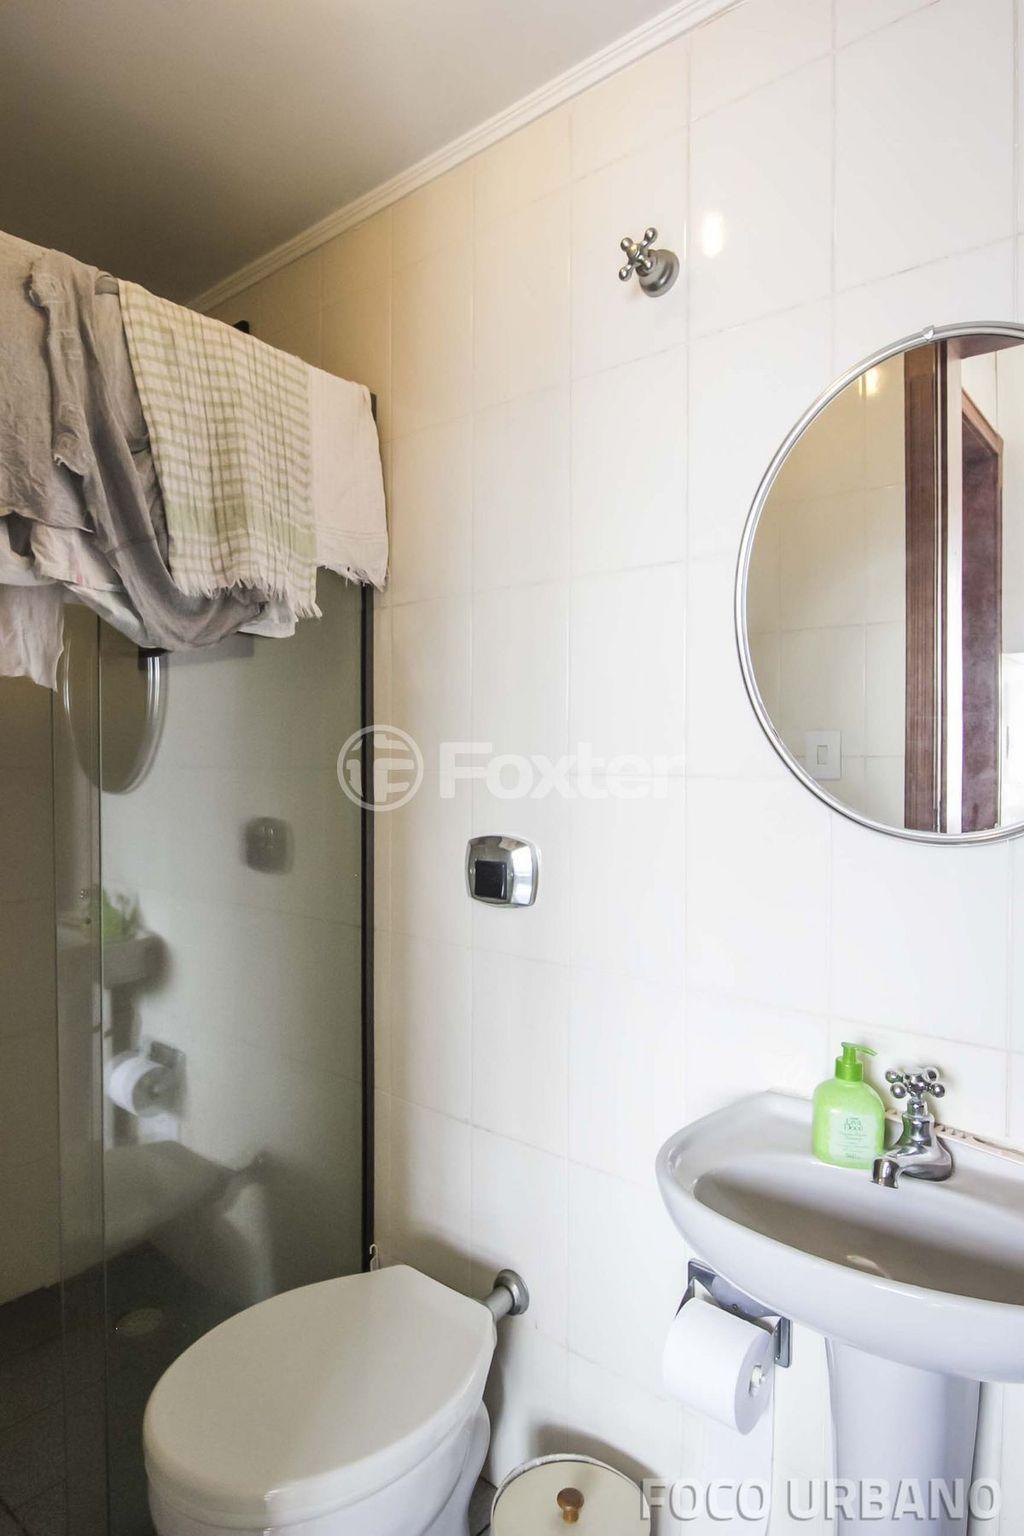 Foxter Imobiliária - Apto 3 Dorm, Sarandi (134661) - Foto 32